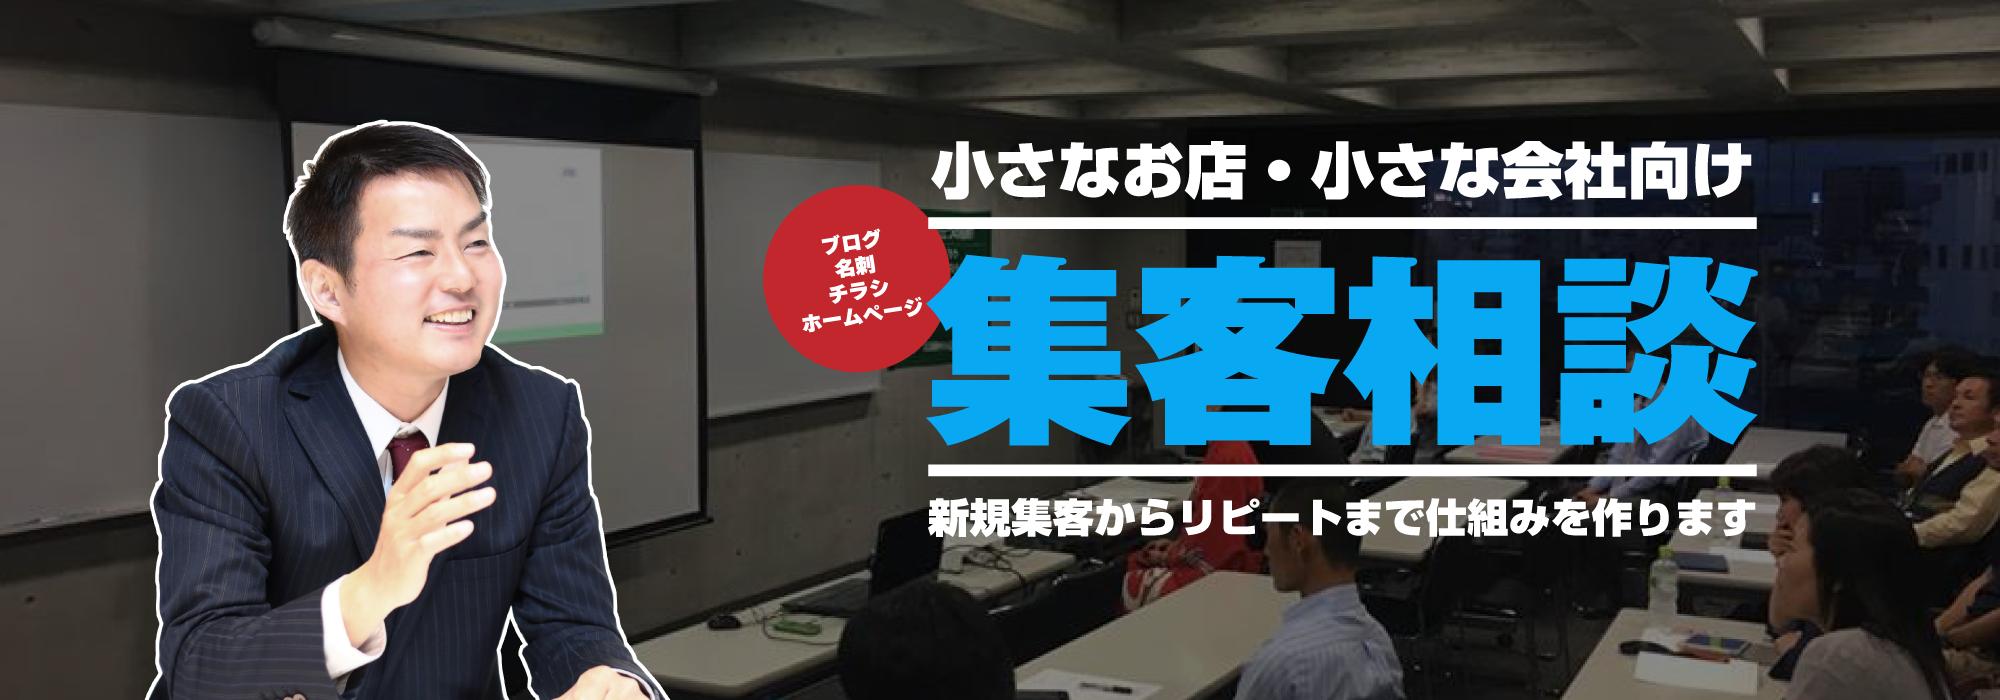 広島・岡山でホームページ・Web・チラシ集客ならシュウキャクムギムギ